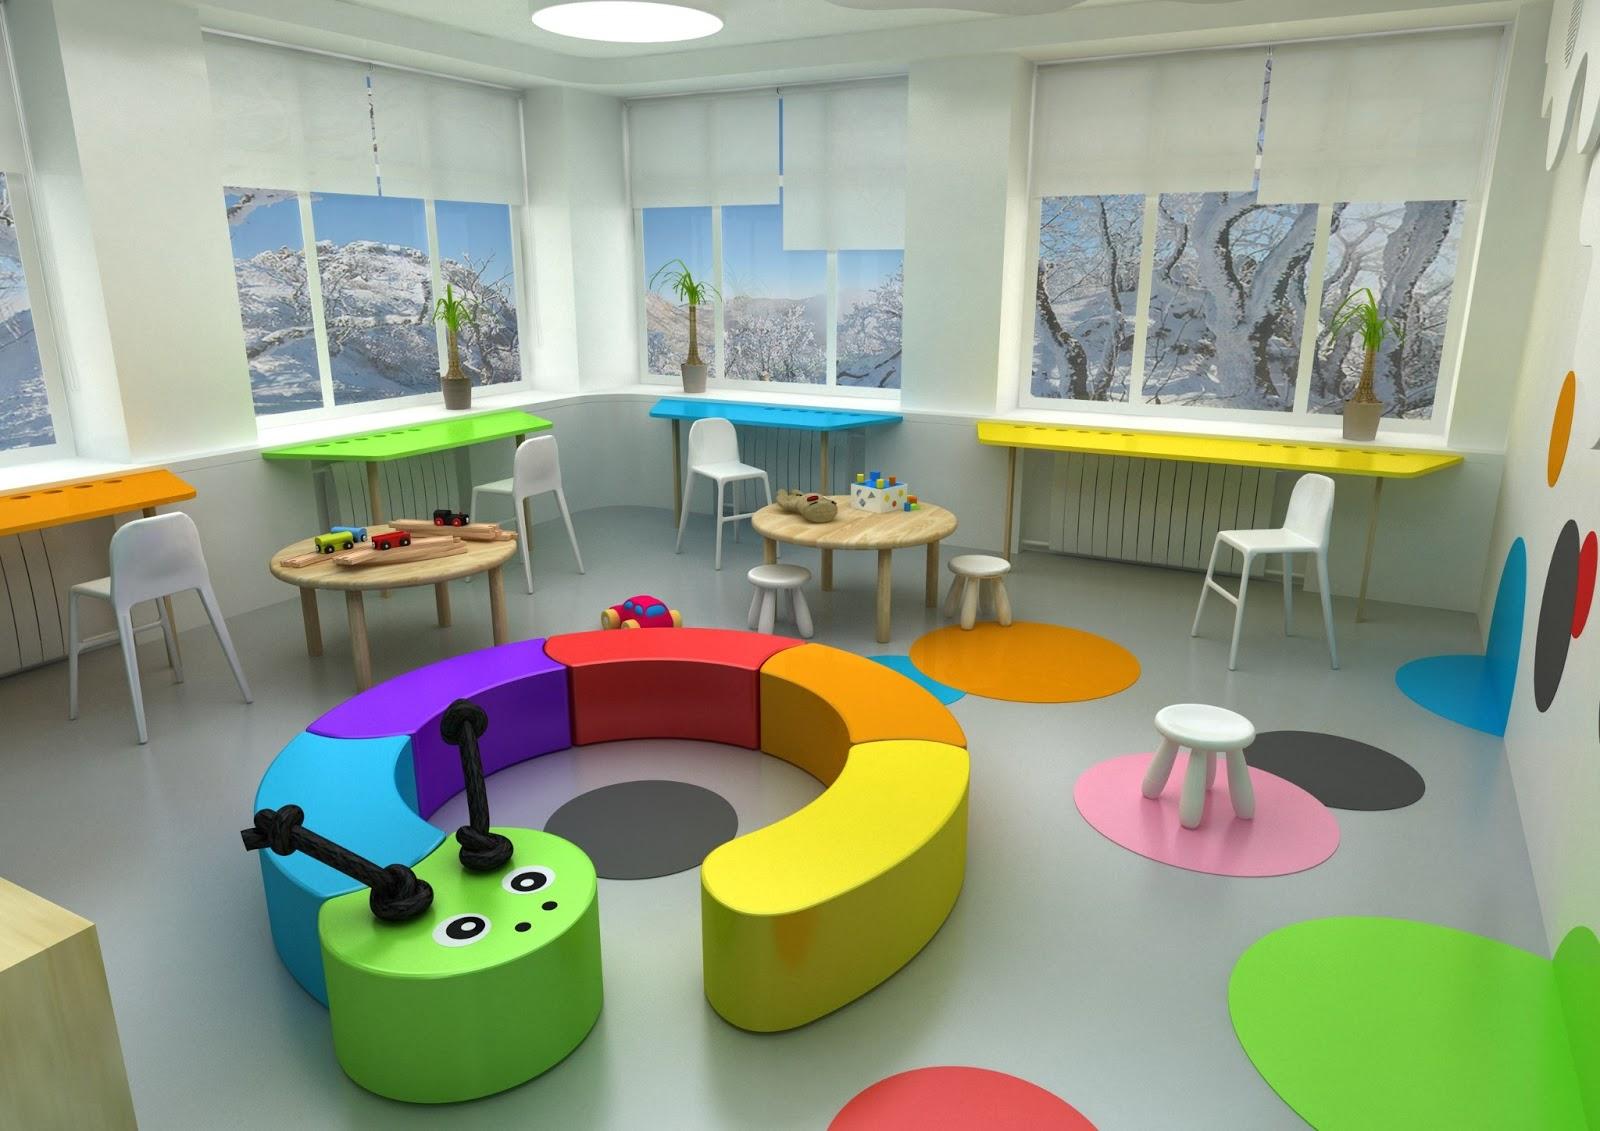 Проект: дизайн интерьера для детского туберкулезного диспанс.